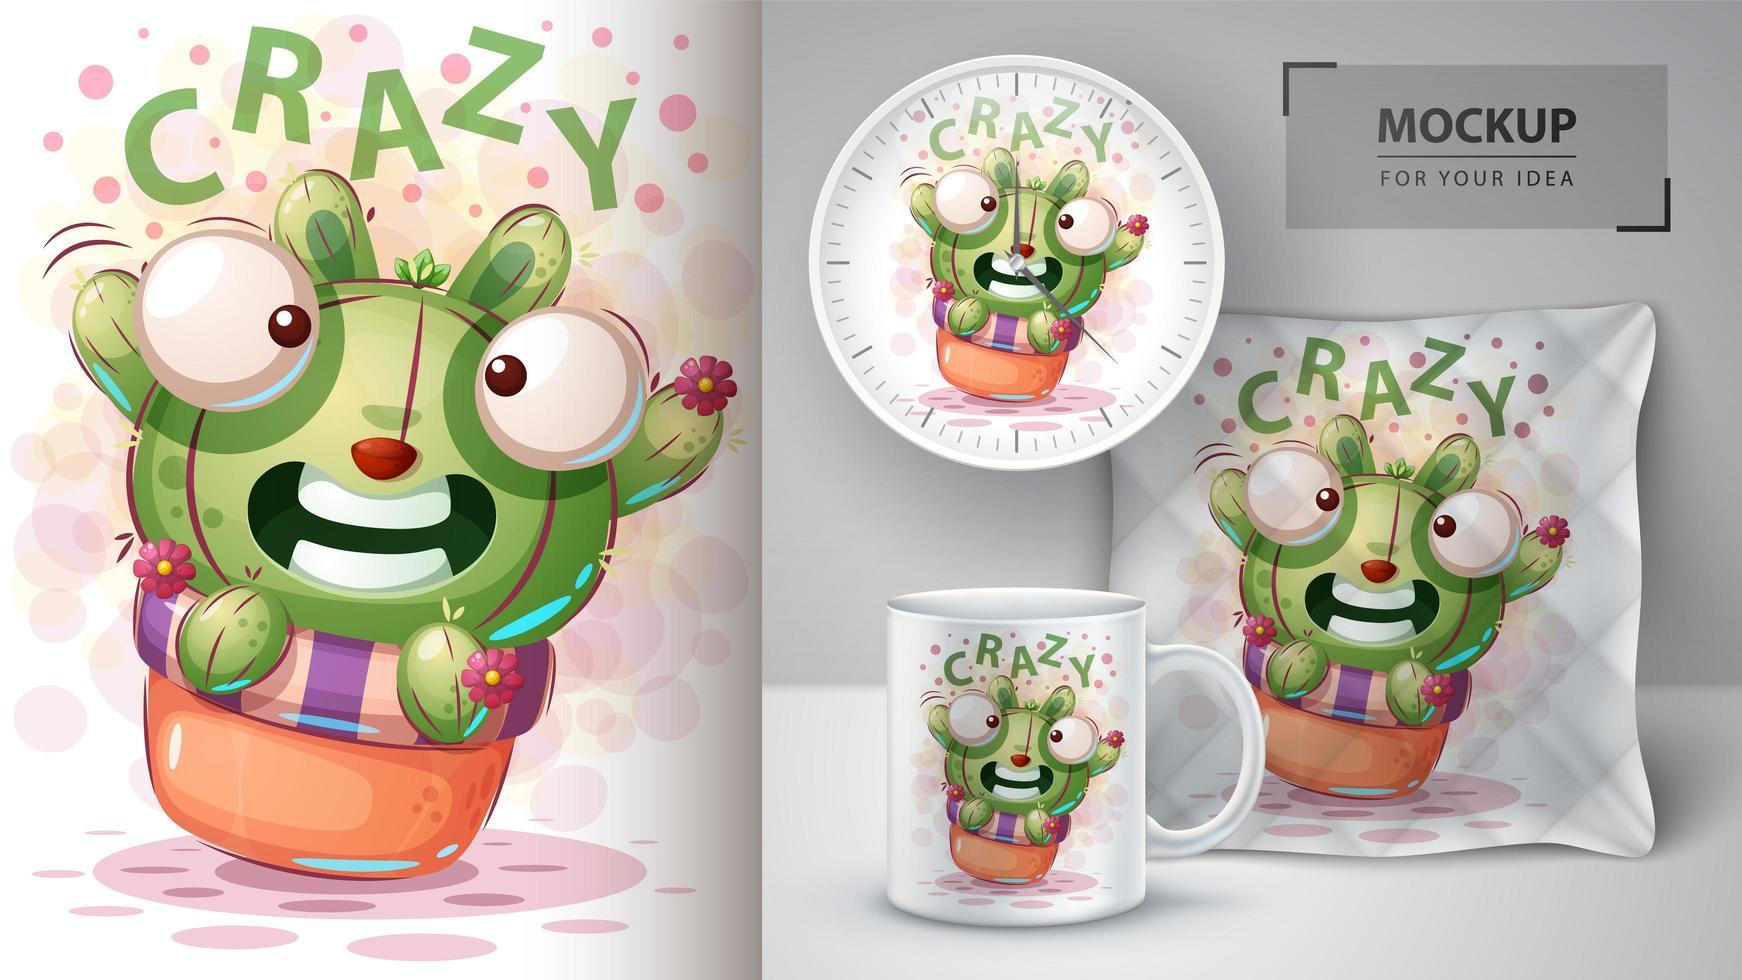 disegno di cactus coniglio pazzo vettore